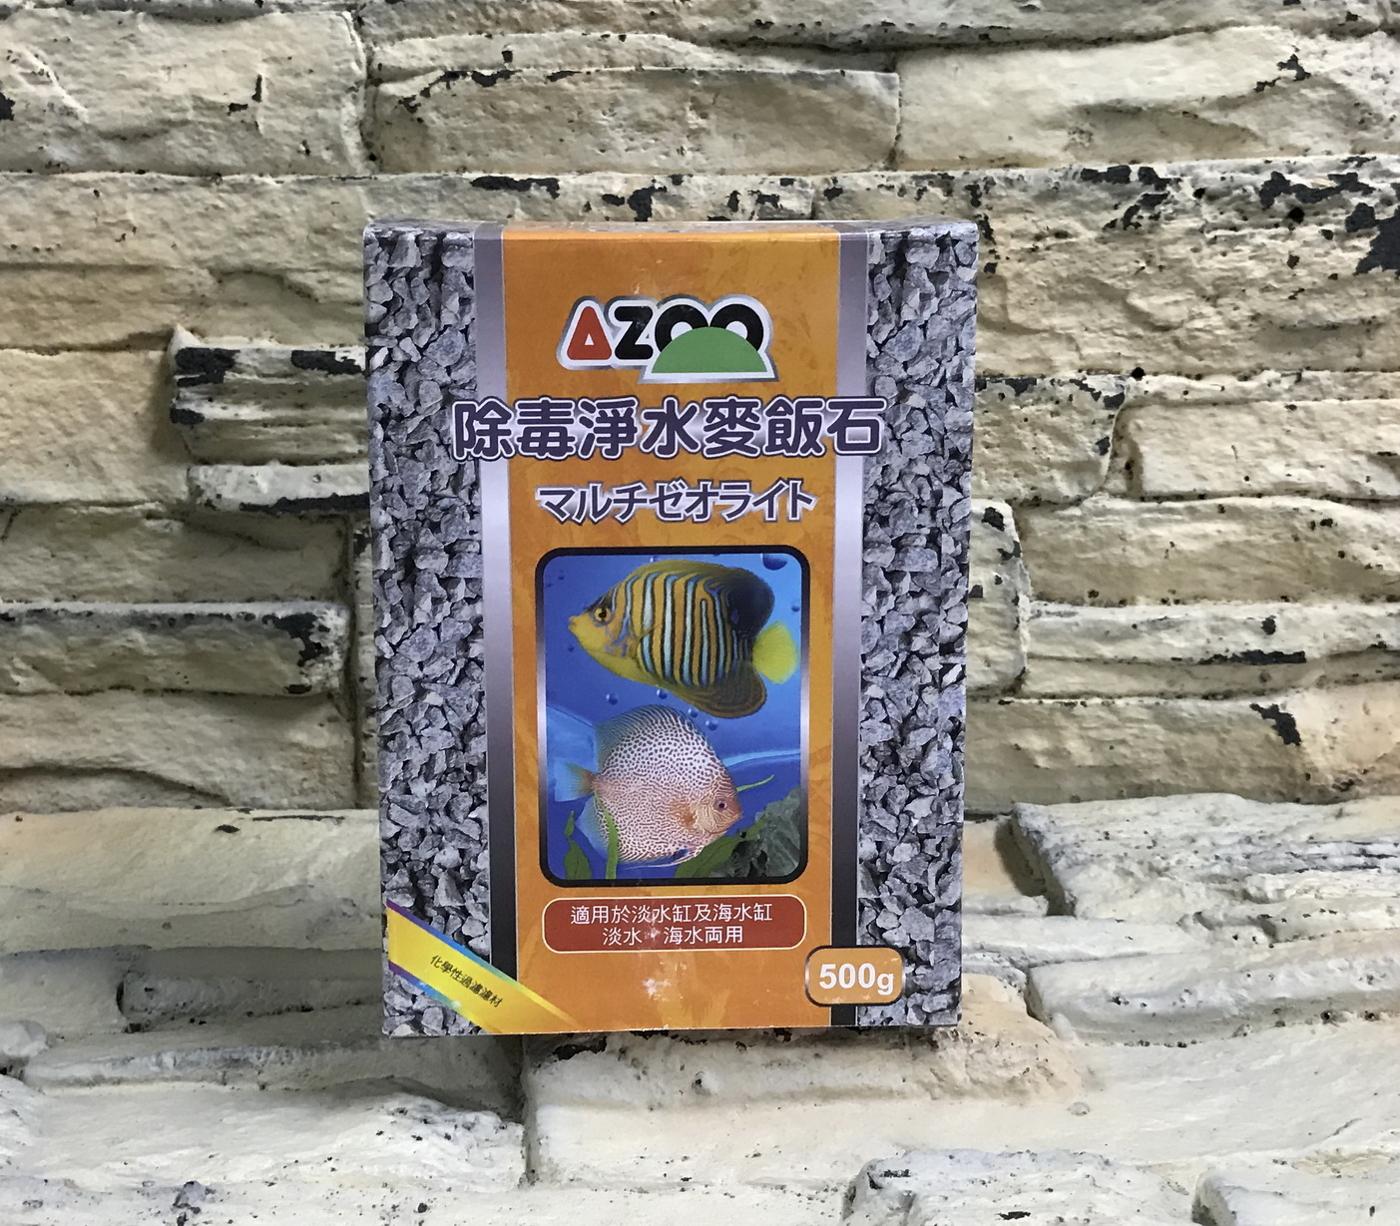 西高地水族坊愛族AZOO除毒淨水麥飯石500g